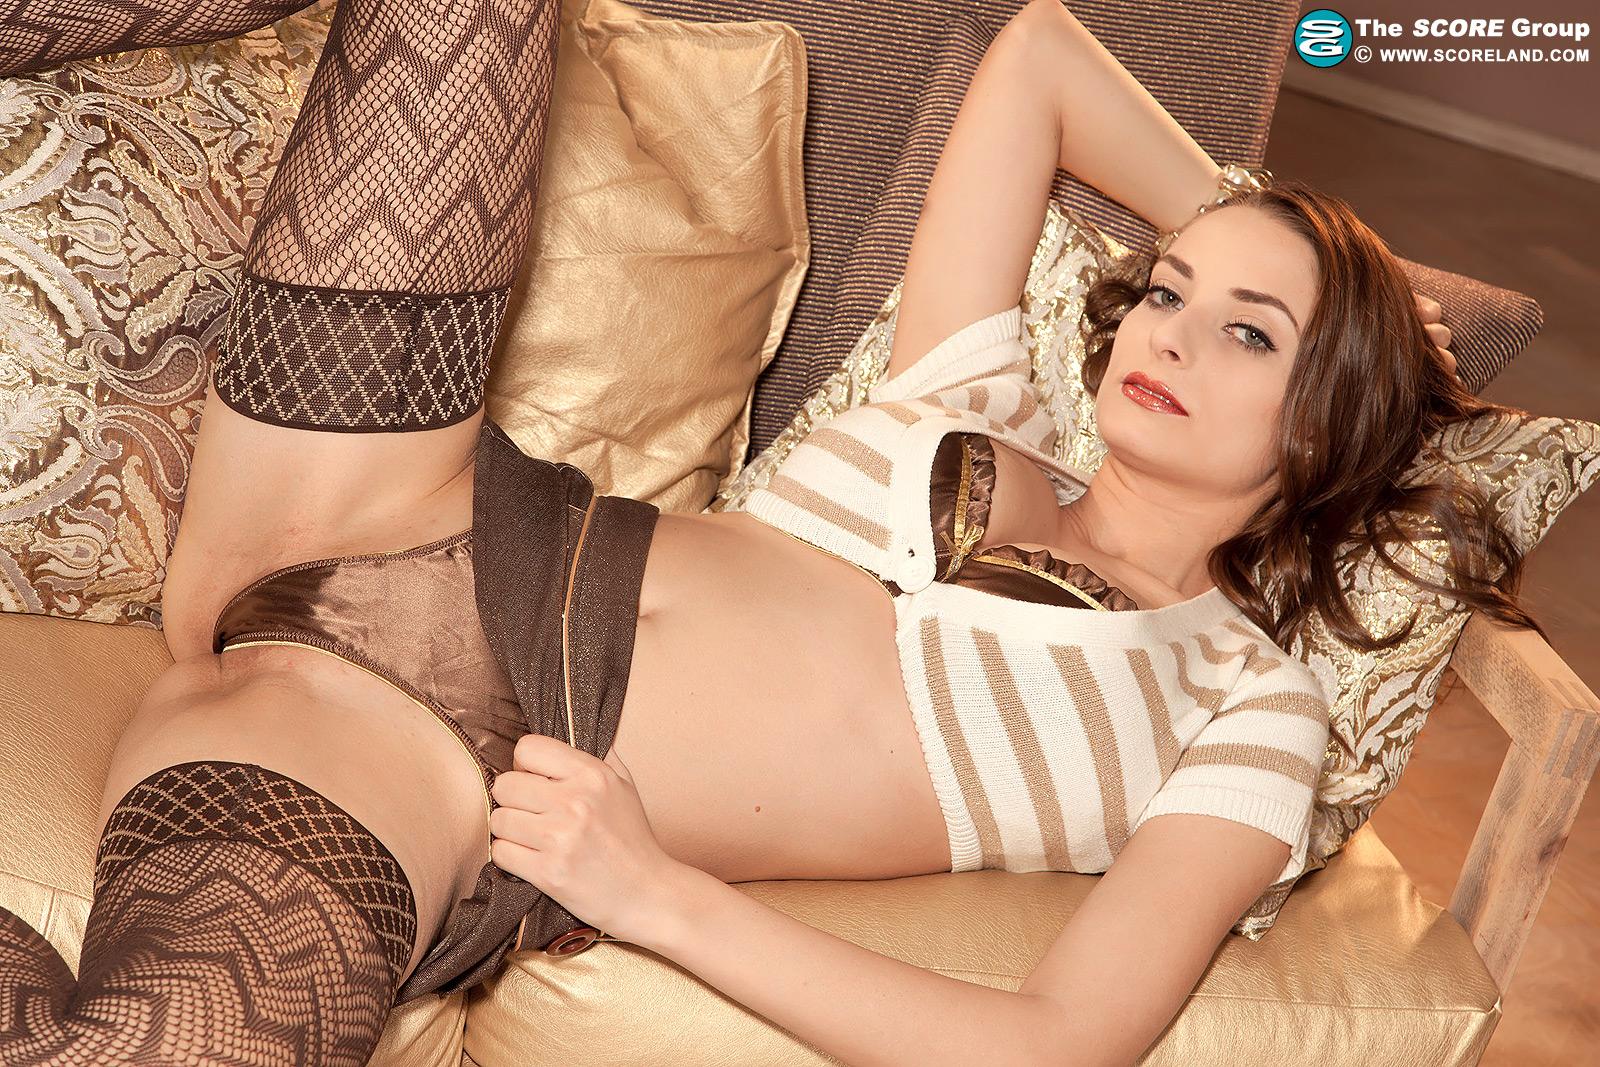 Estelle taylor xxx